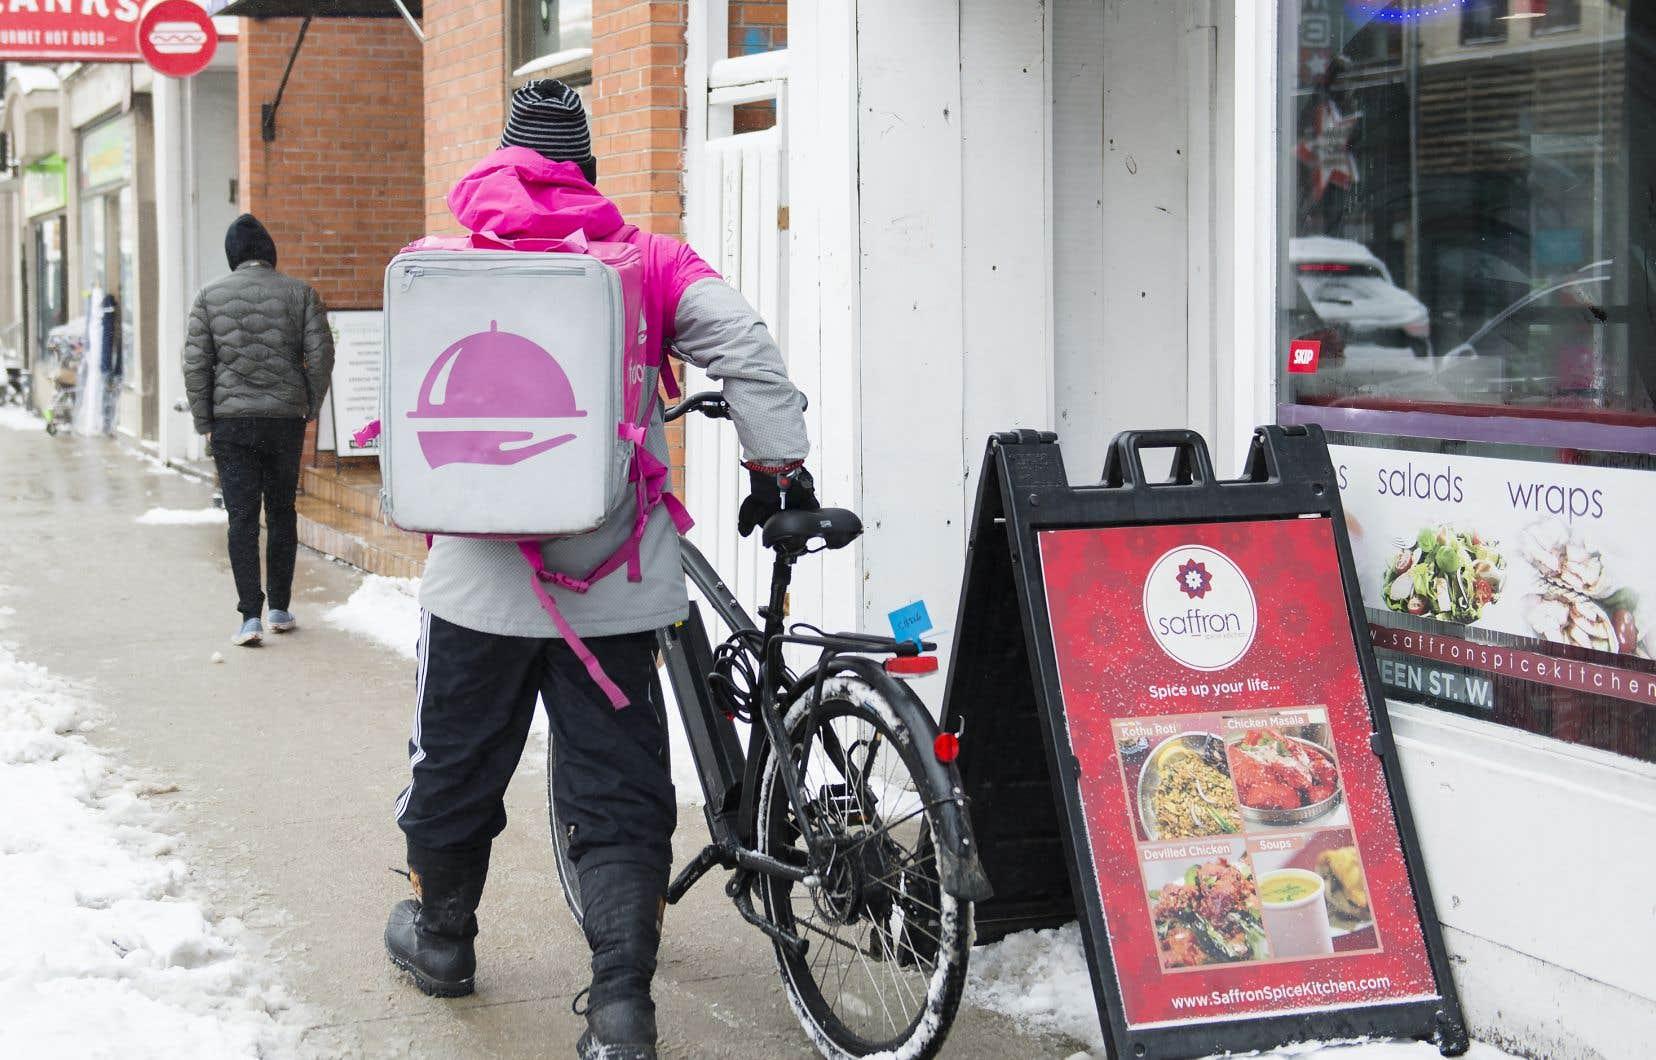 «La livraison à domicile d'épicerie ou de plats préparés proposés par de nombreux restaurants peut servir de moyen de distanciation sociale», affirment les auteurs.